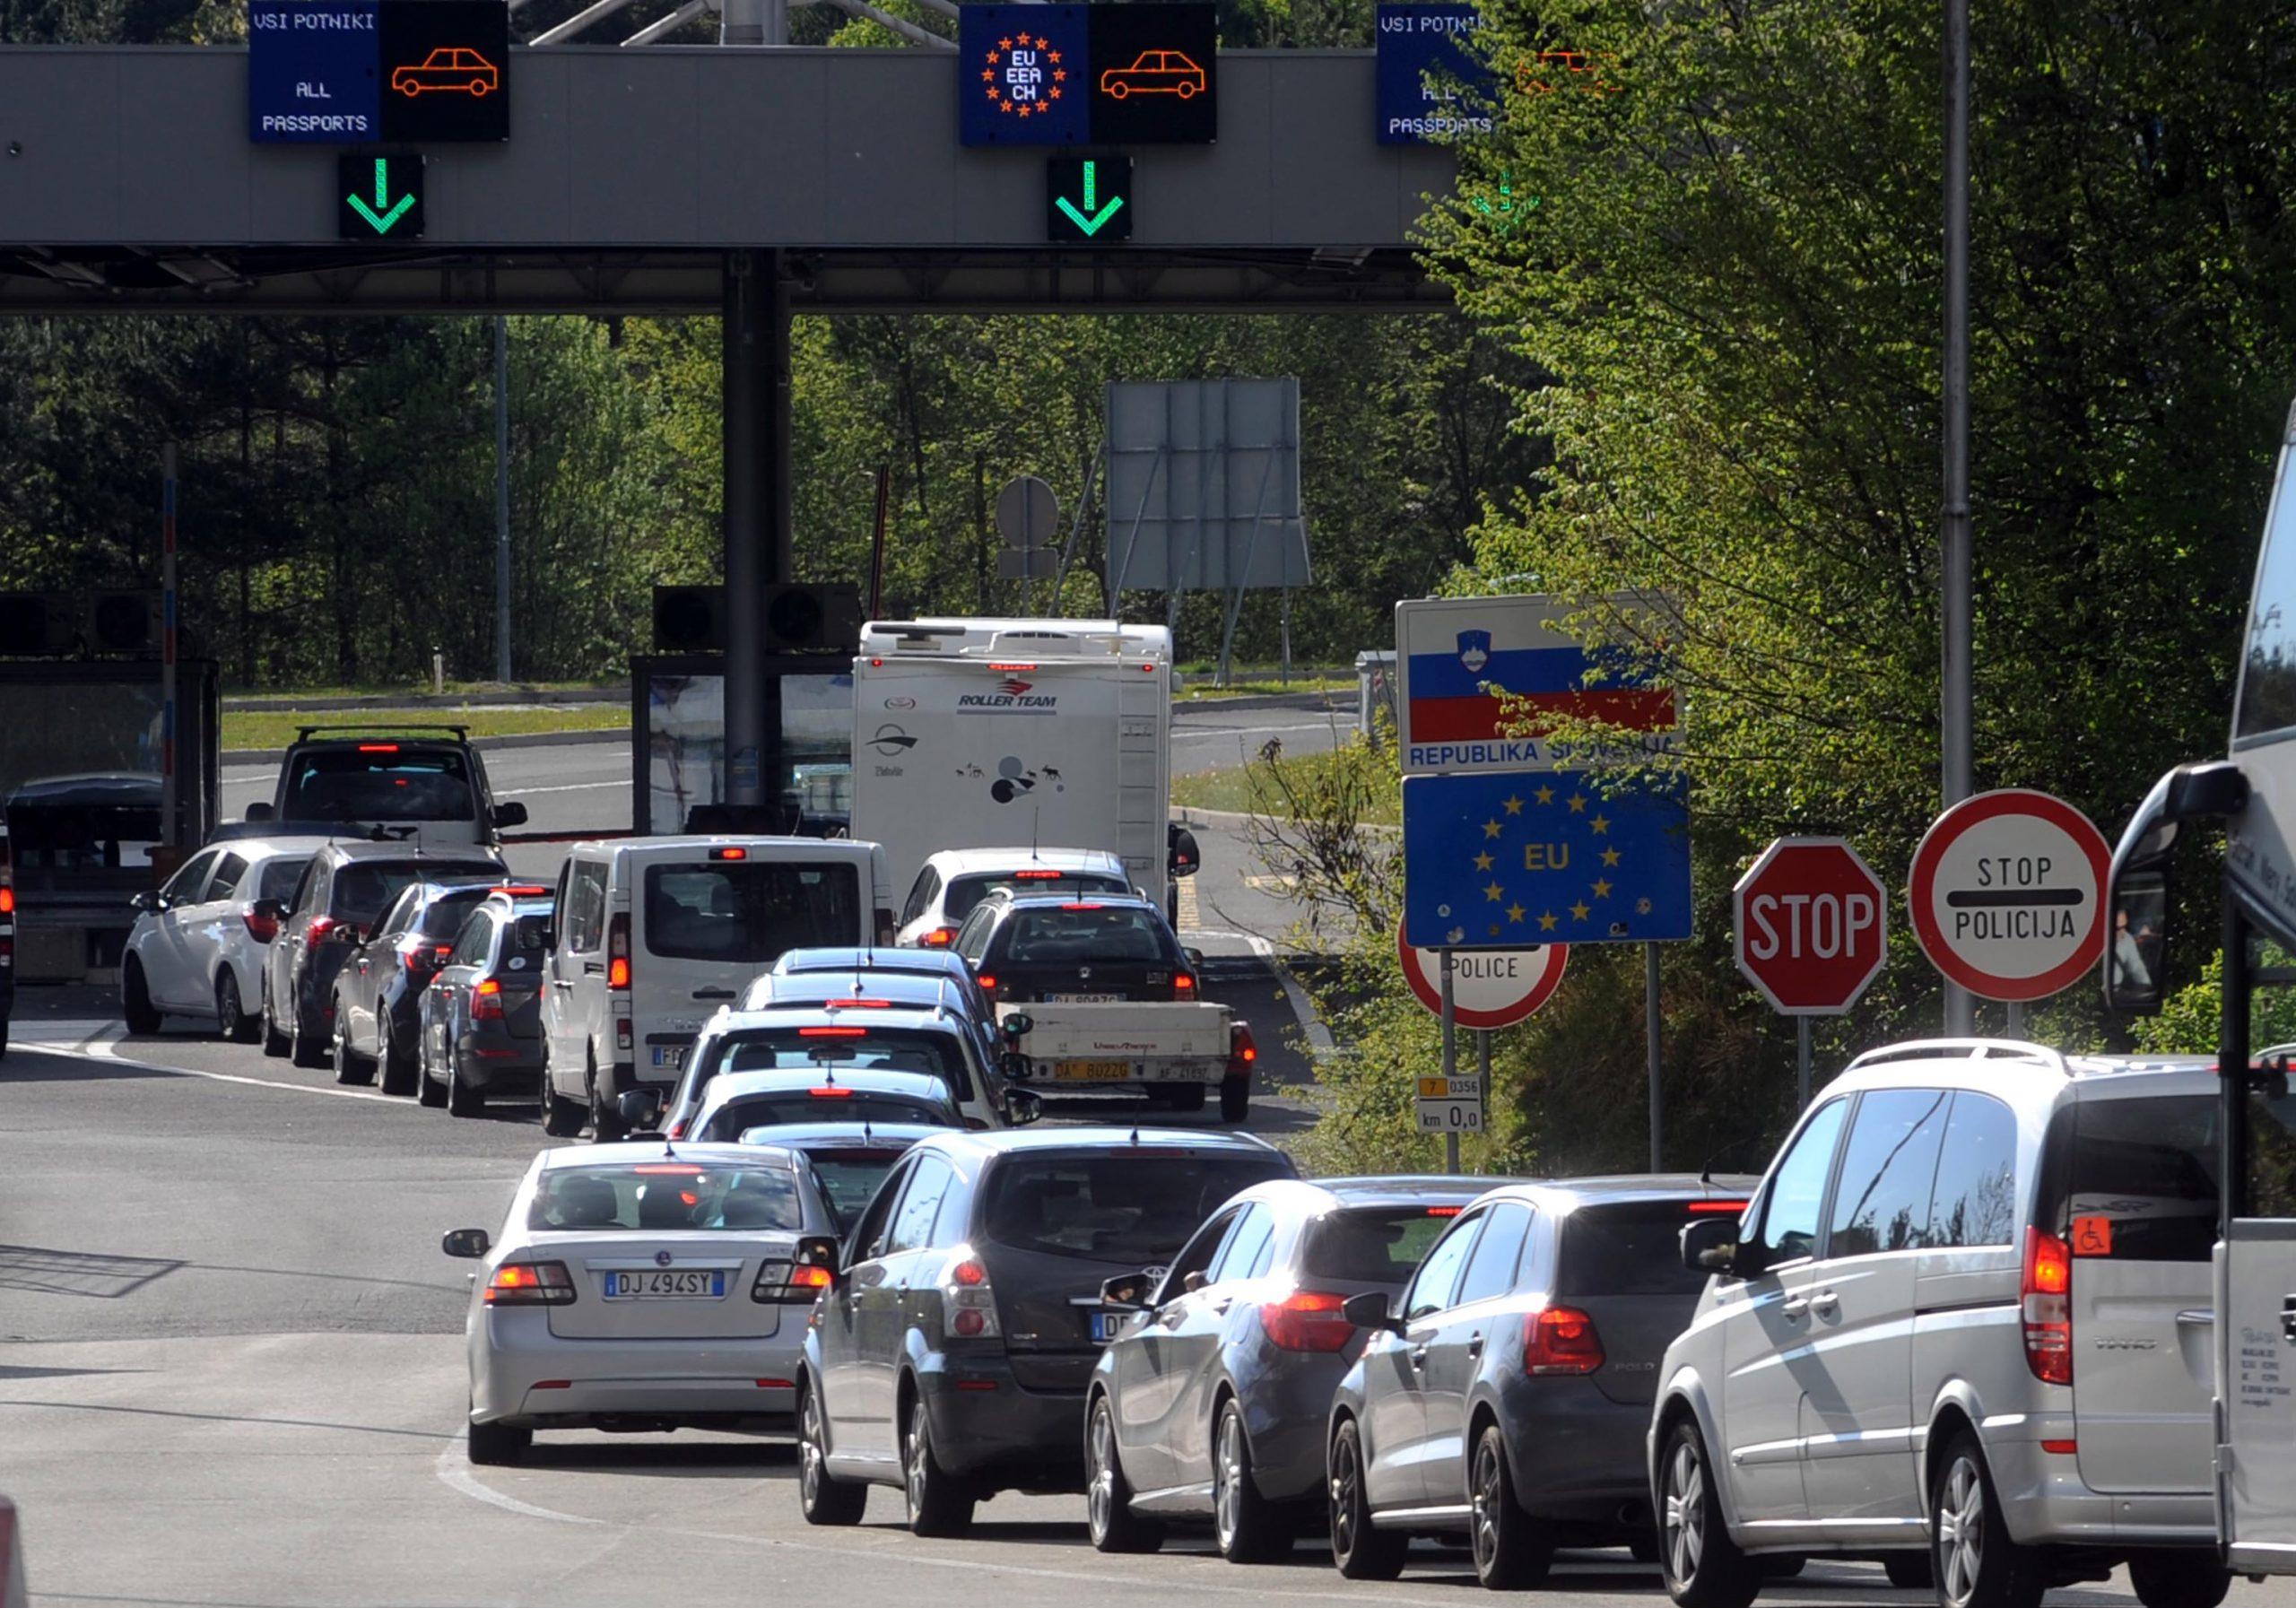 Zastoji na graničnim prijelazima čest su problem / Snimio Marko GRACIN